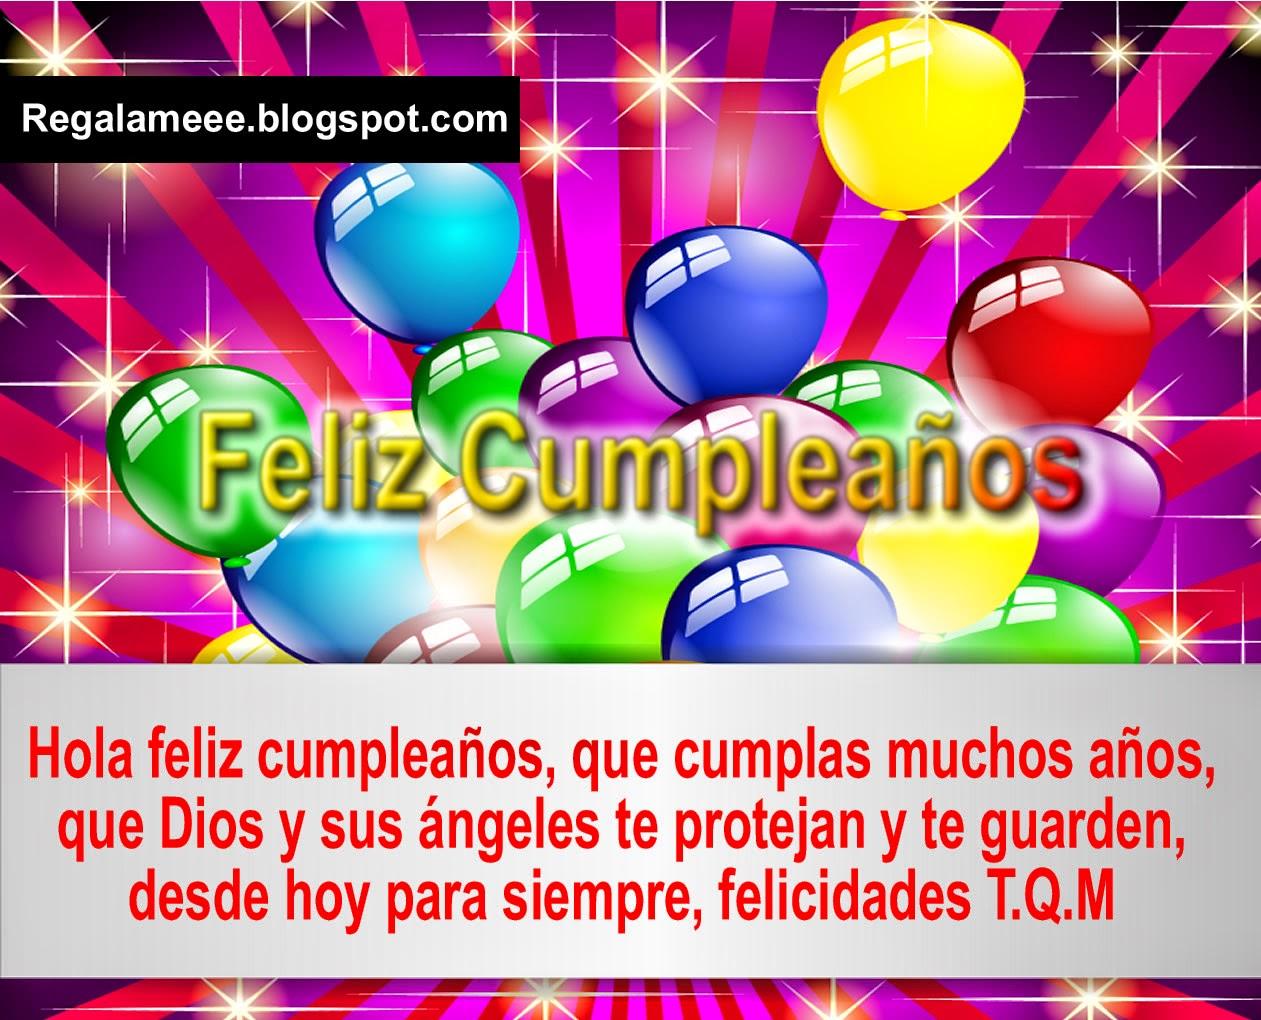 Descargar Imagenes Para Facebook Gratis: Descargar Imagenes De Feliz Cumpleaños Para Facebook